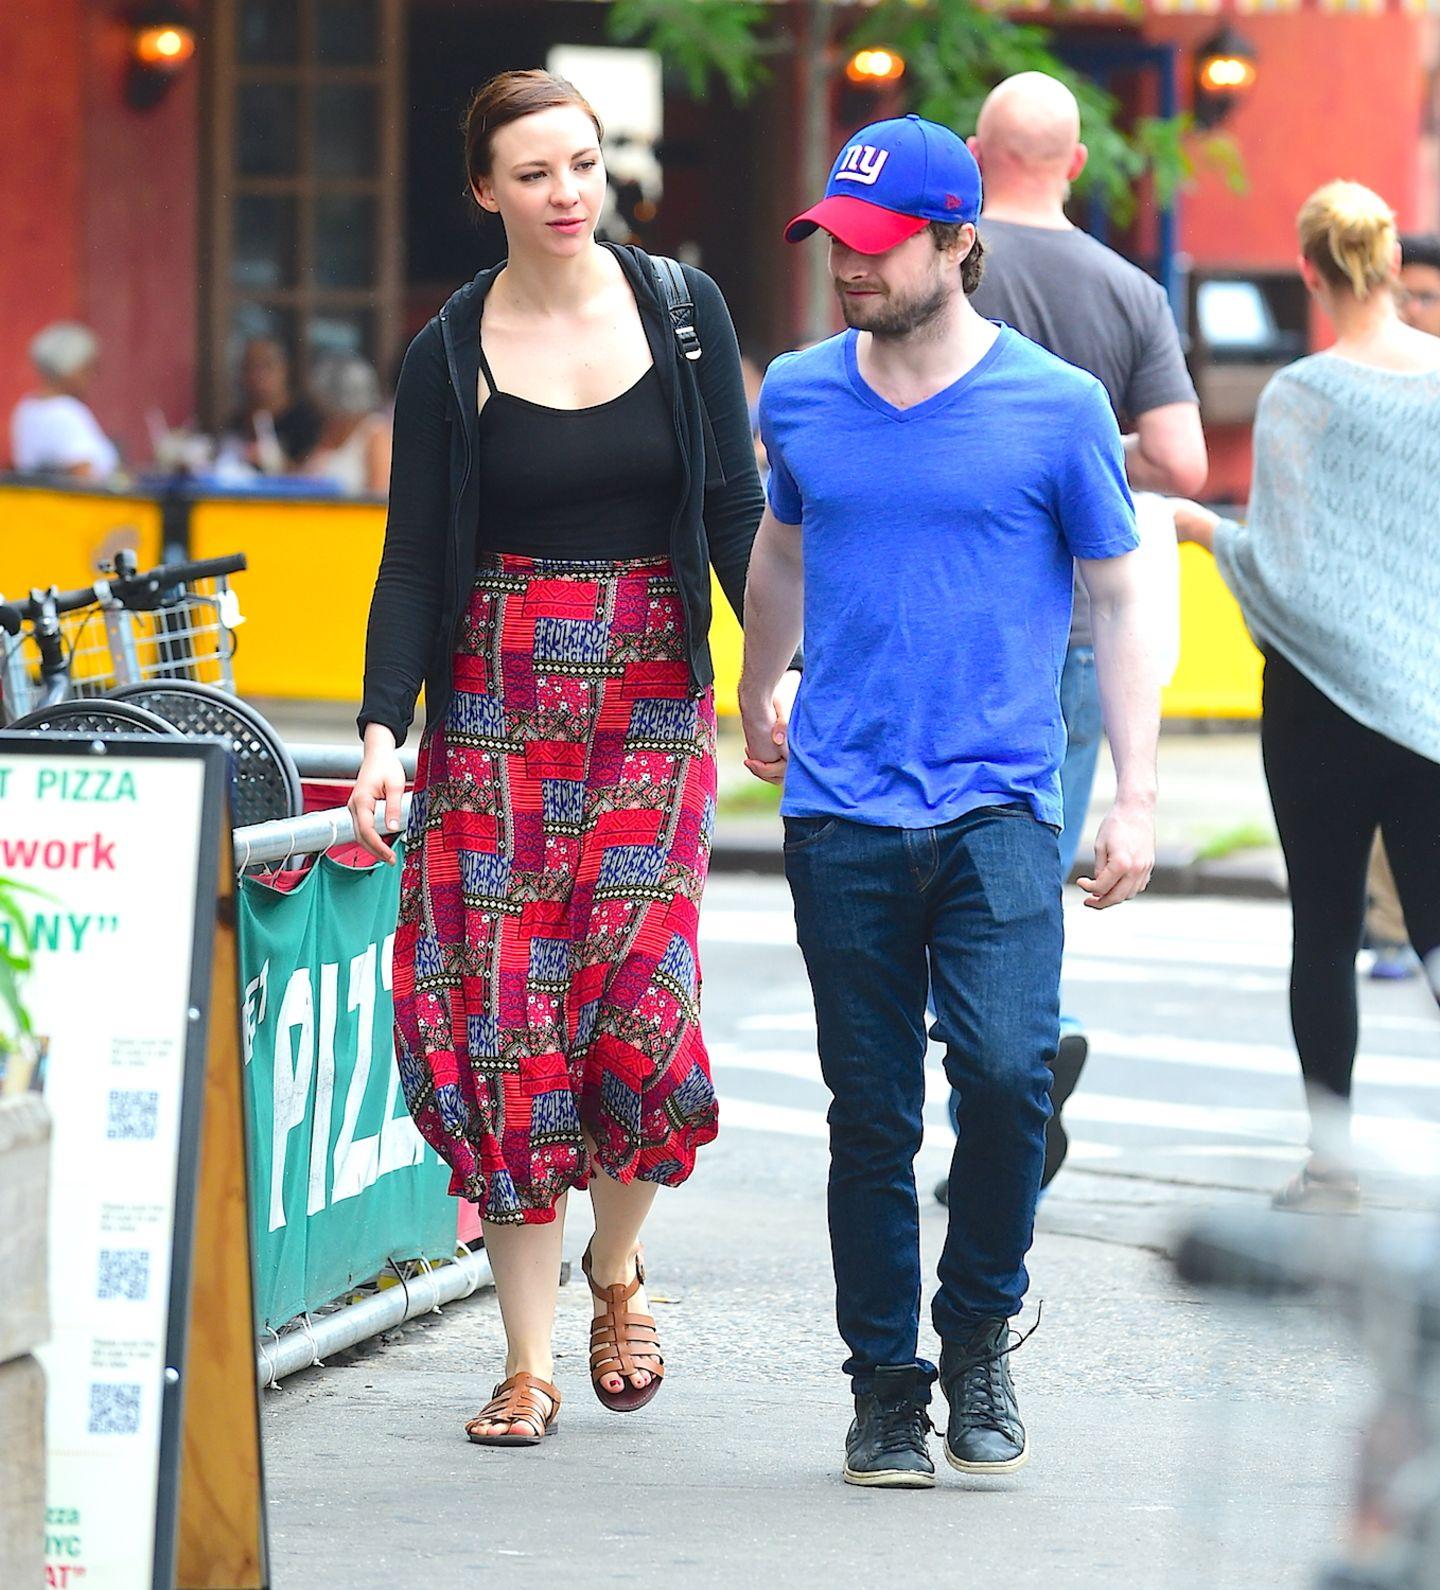 16. Juni 2015: Daniel Radcliffe und seine Freundin Erin Darke treffen sich zum Mittagessen in New York und schlendern danach verliebt durch die Straßen des West Villages.